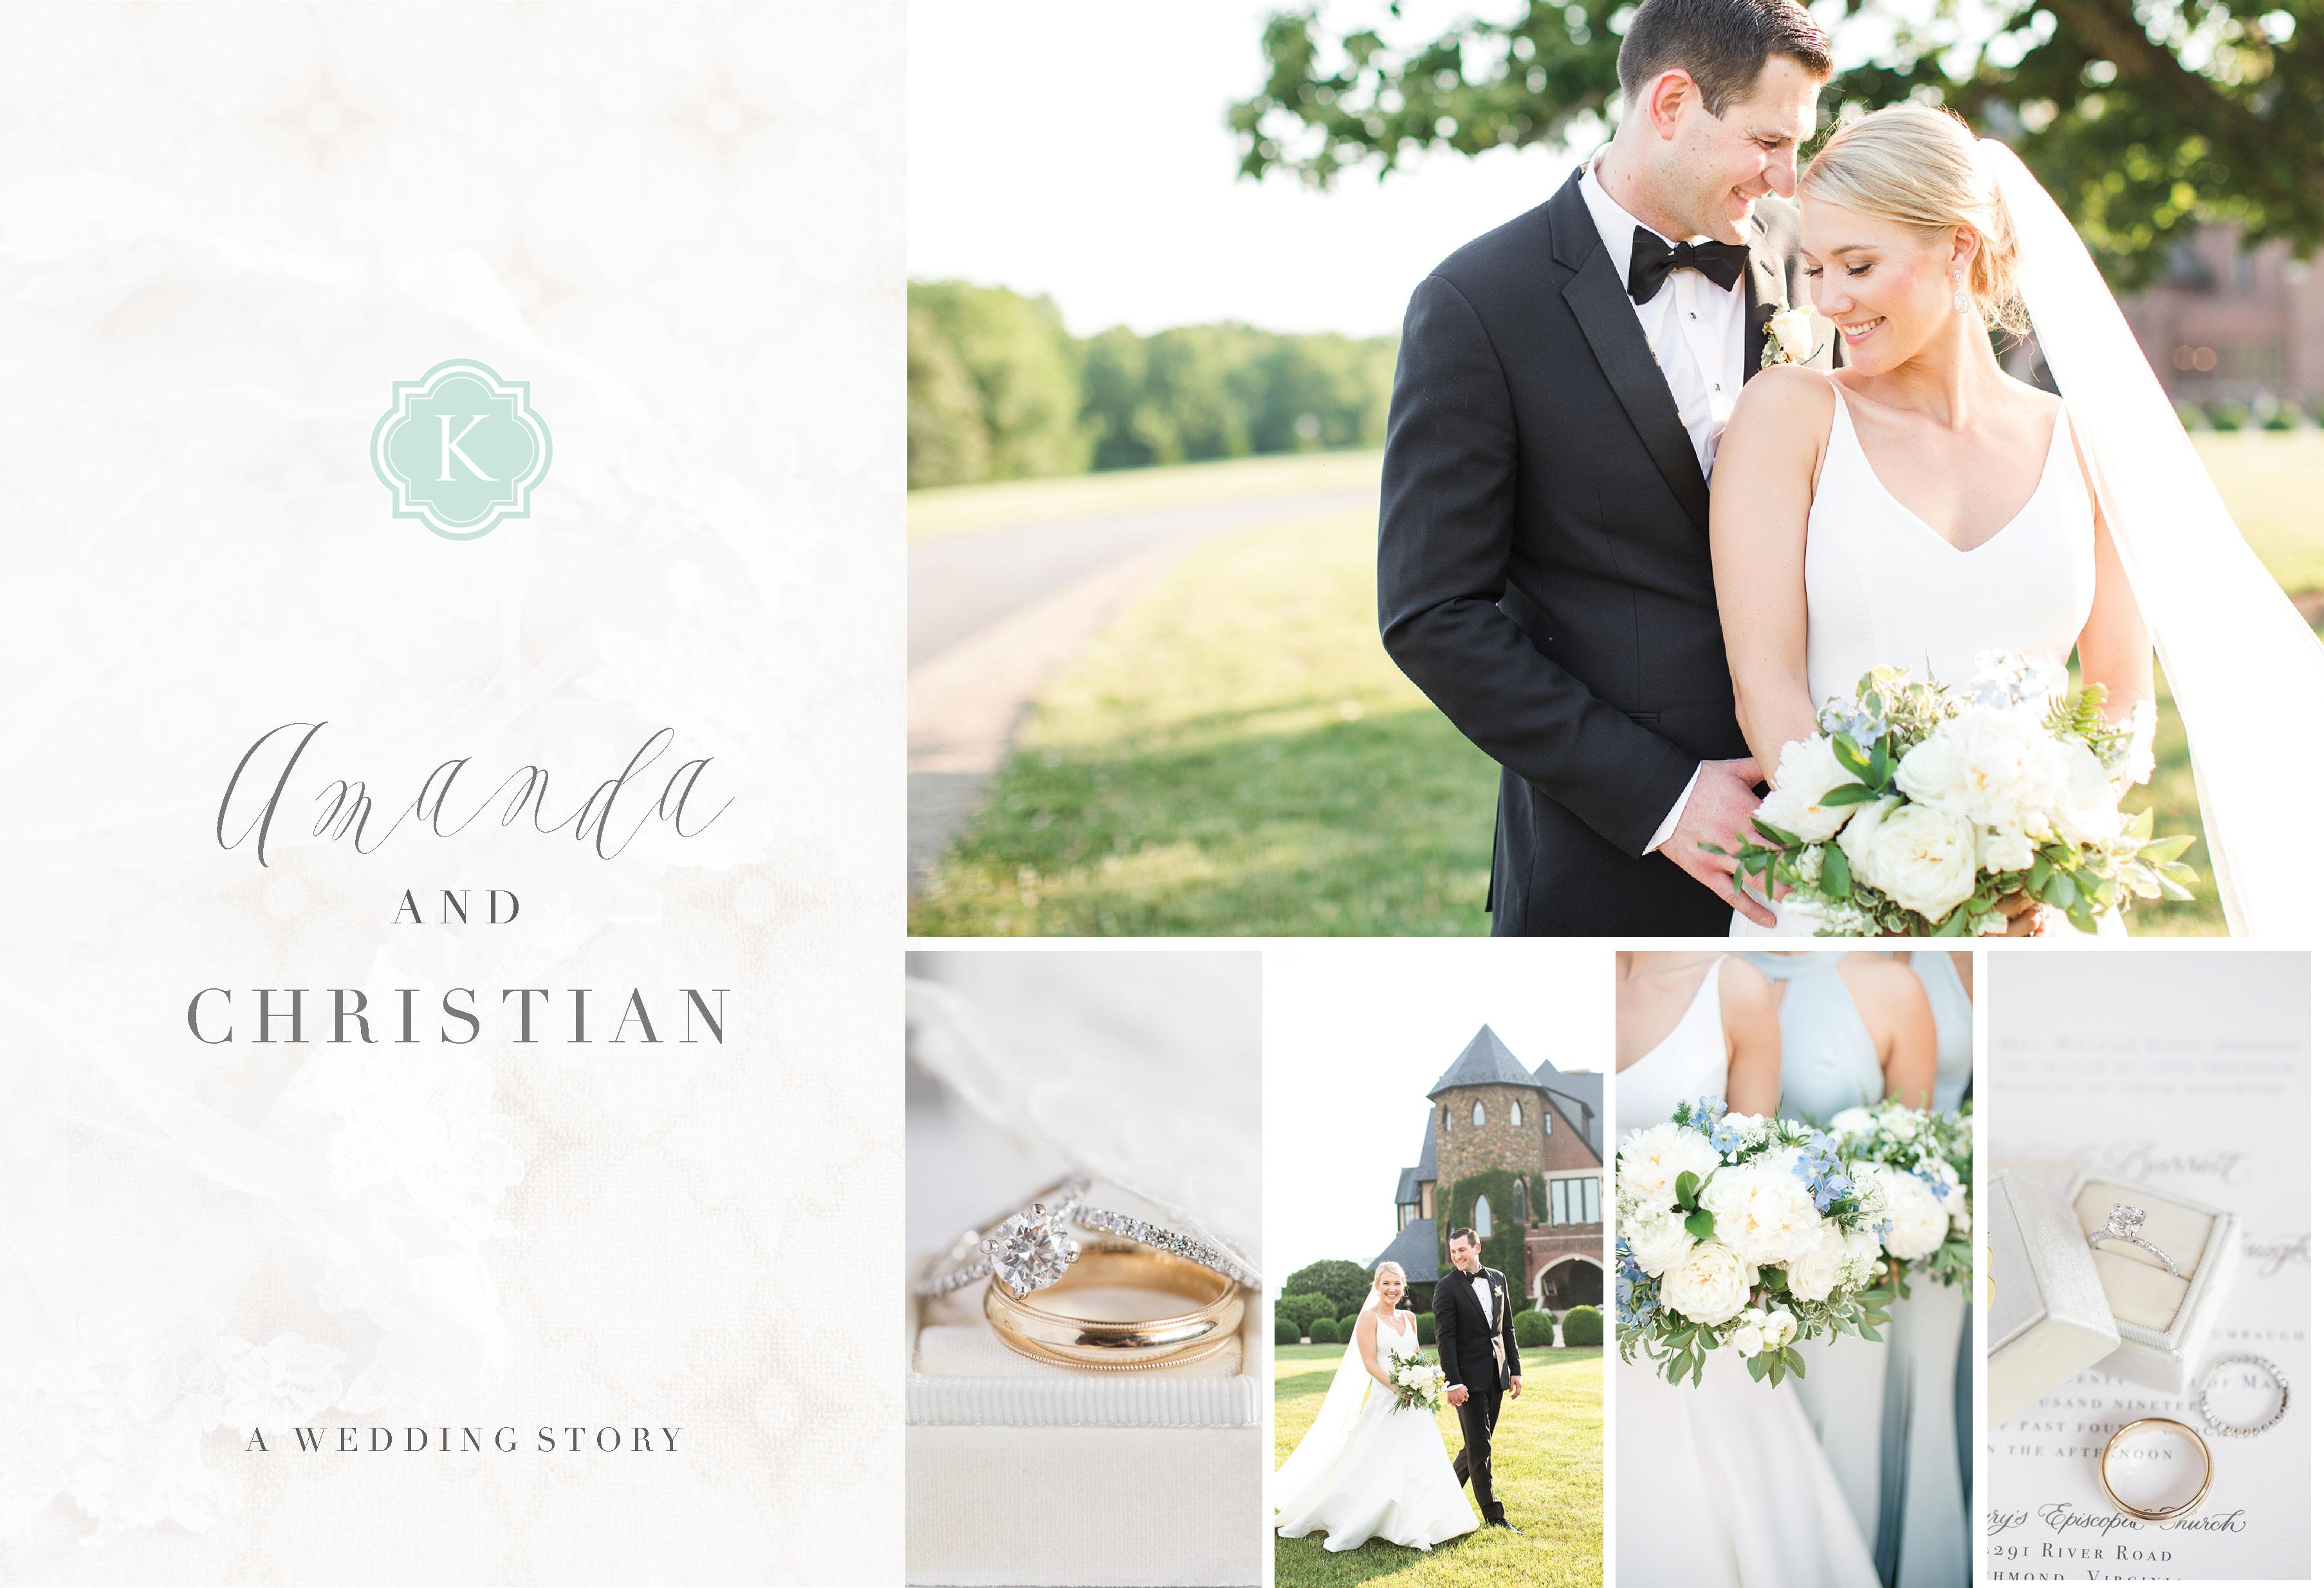 DOVER HALL WEDDING PHOTOS RICHMOND ESTATE VENUE